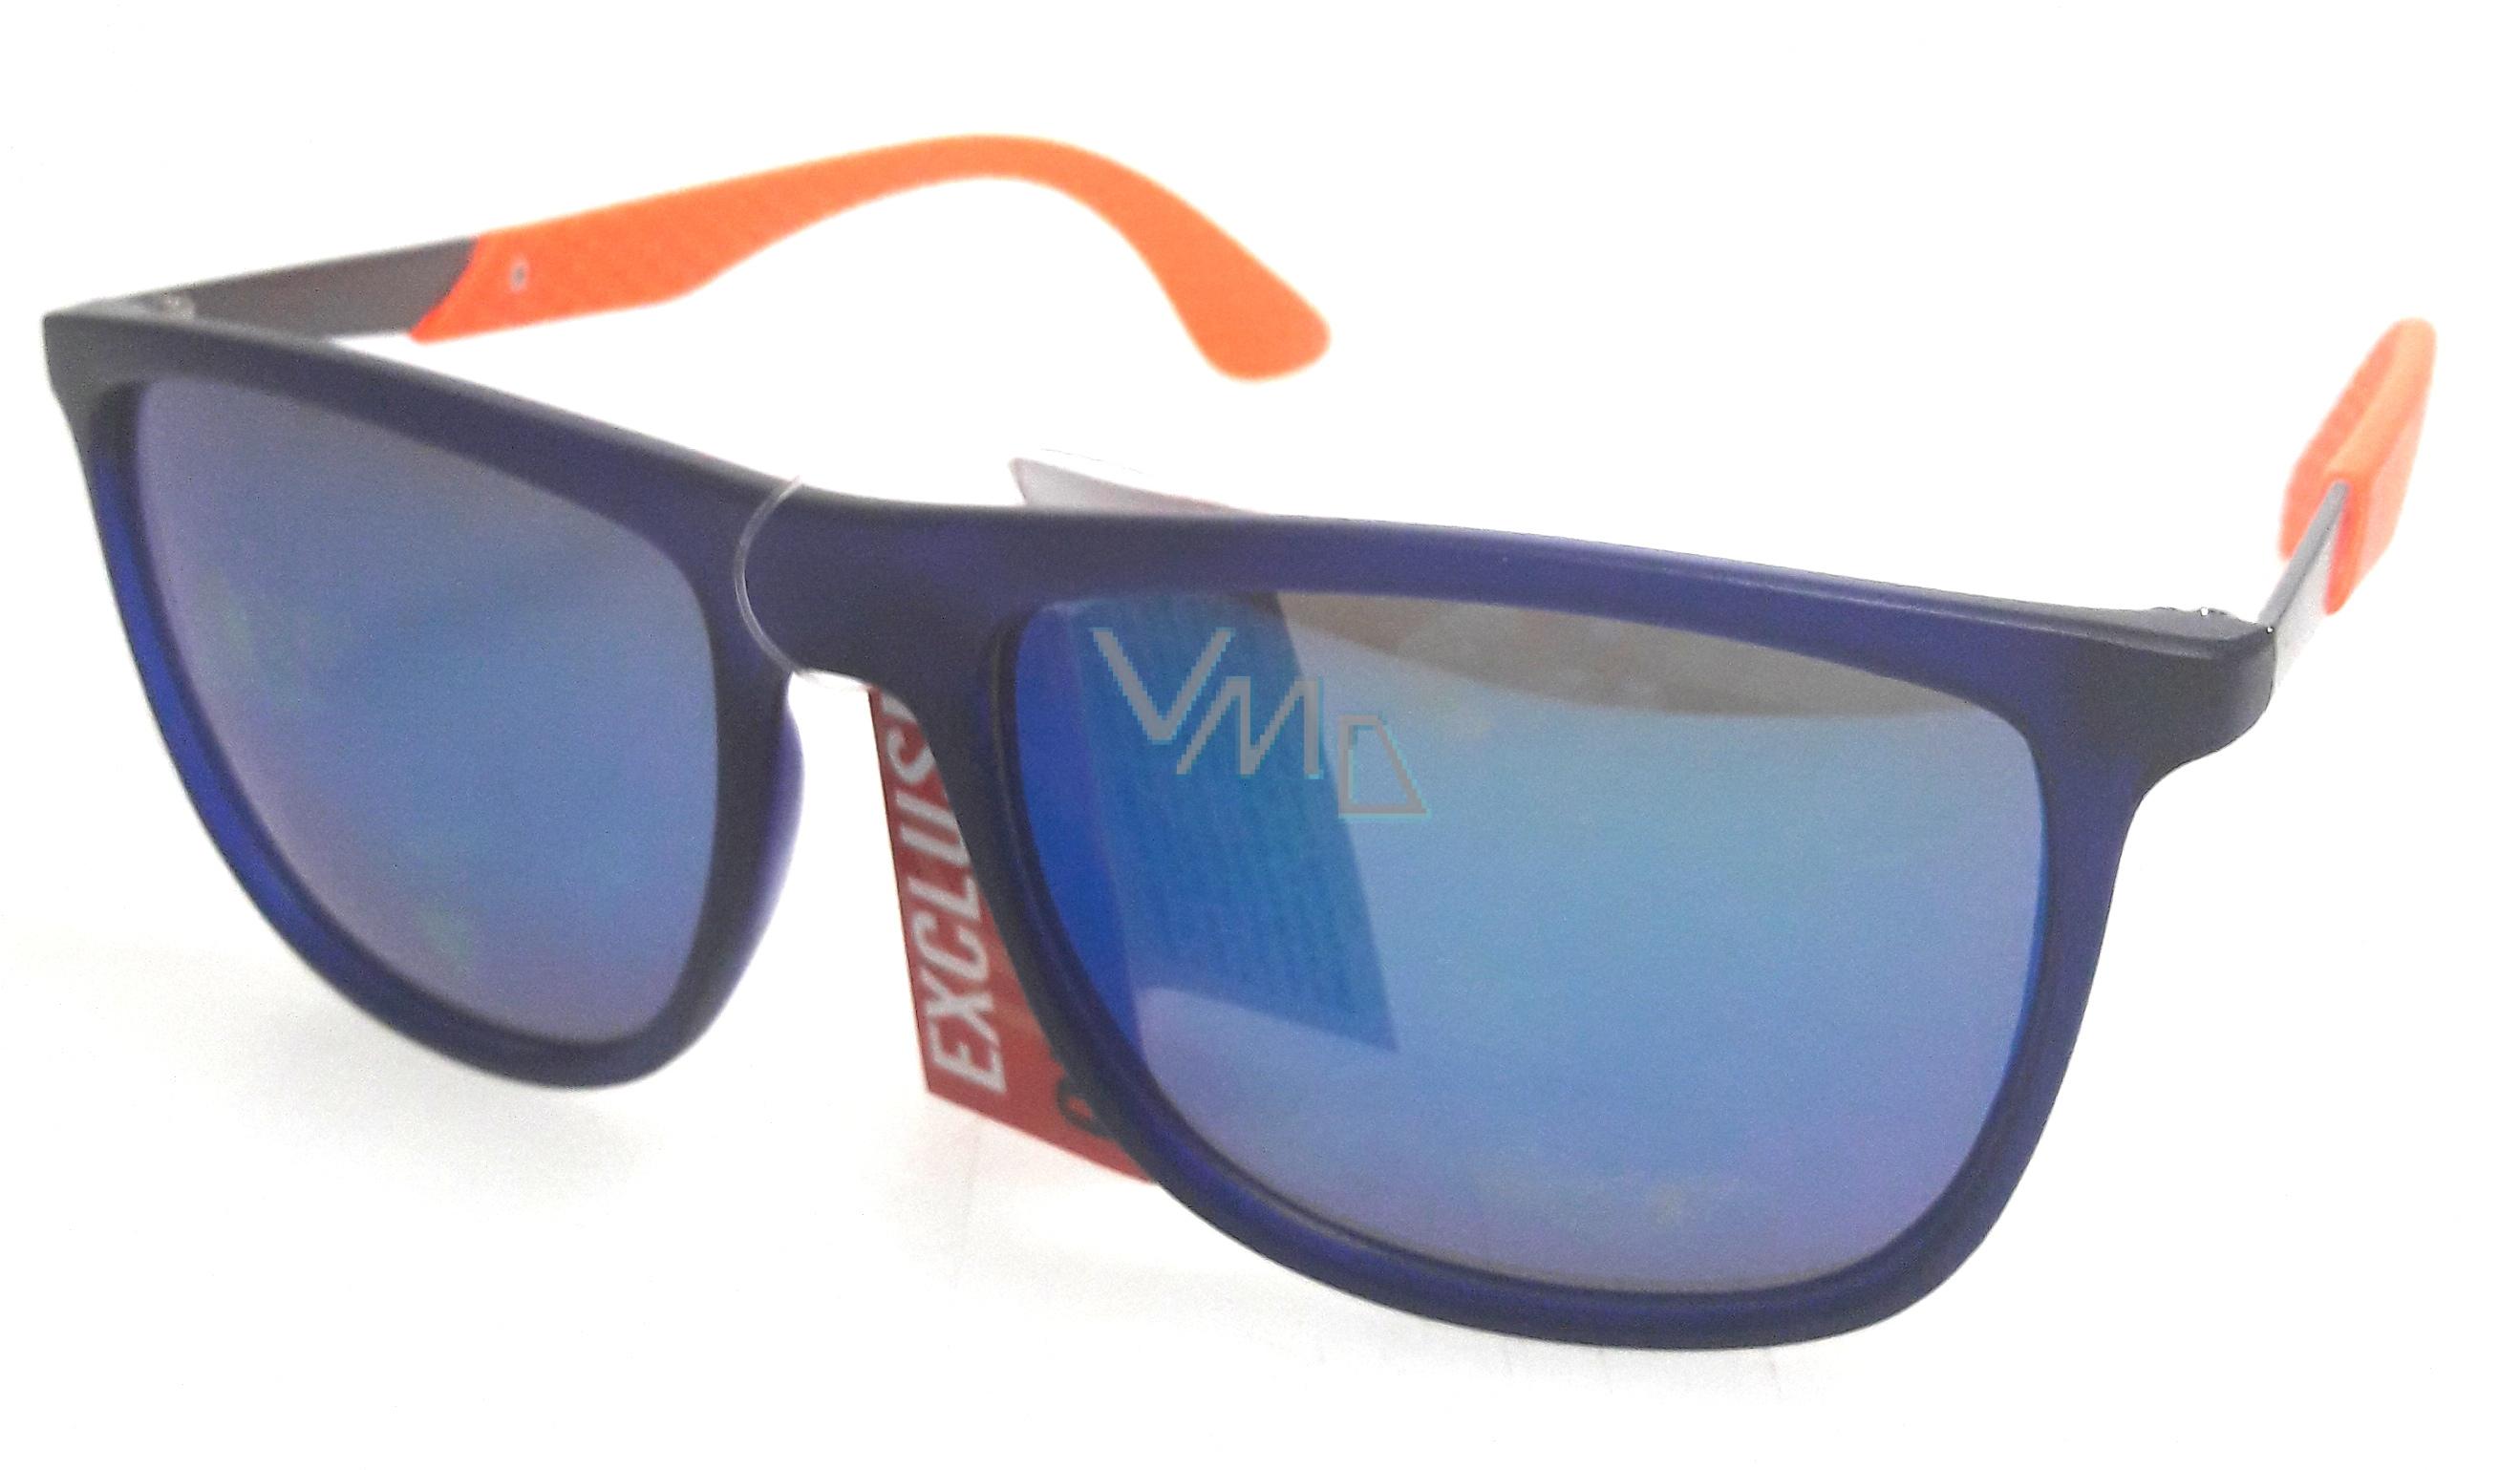 053b46169 Nae New Age Sluneční brýle 9100A A-Z Sport - VMD drogerie